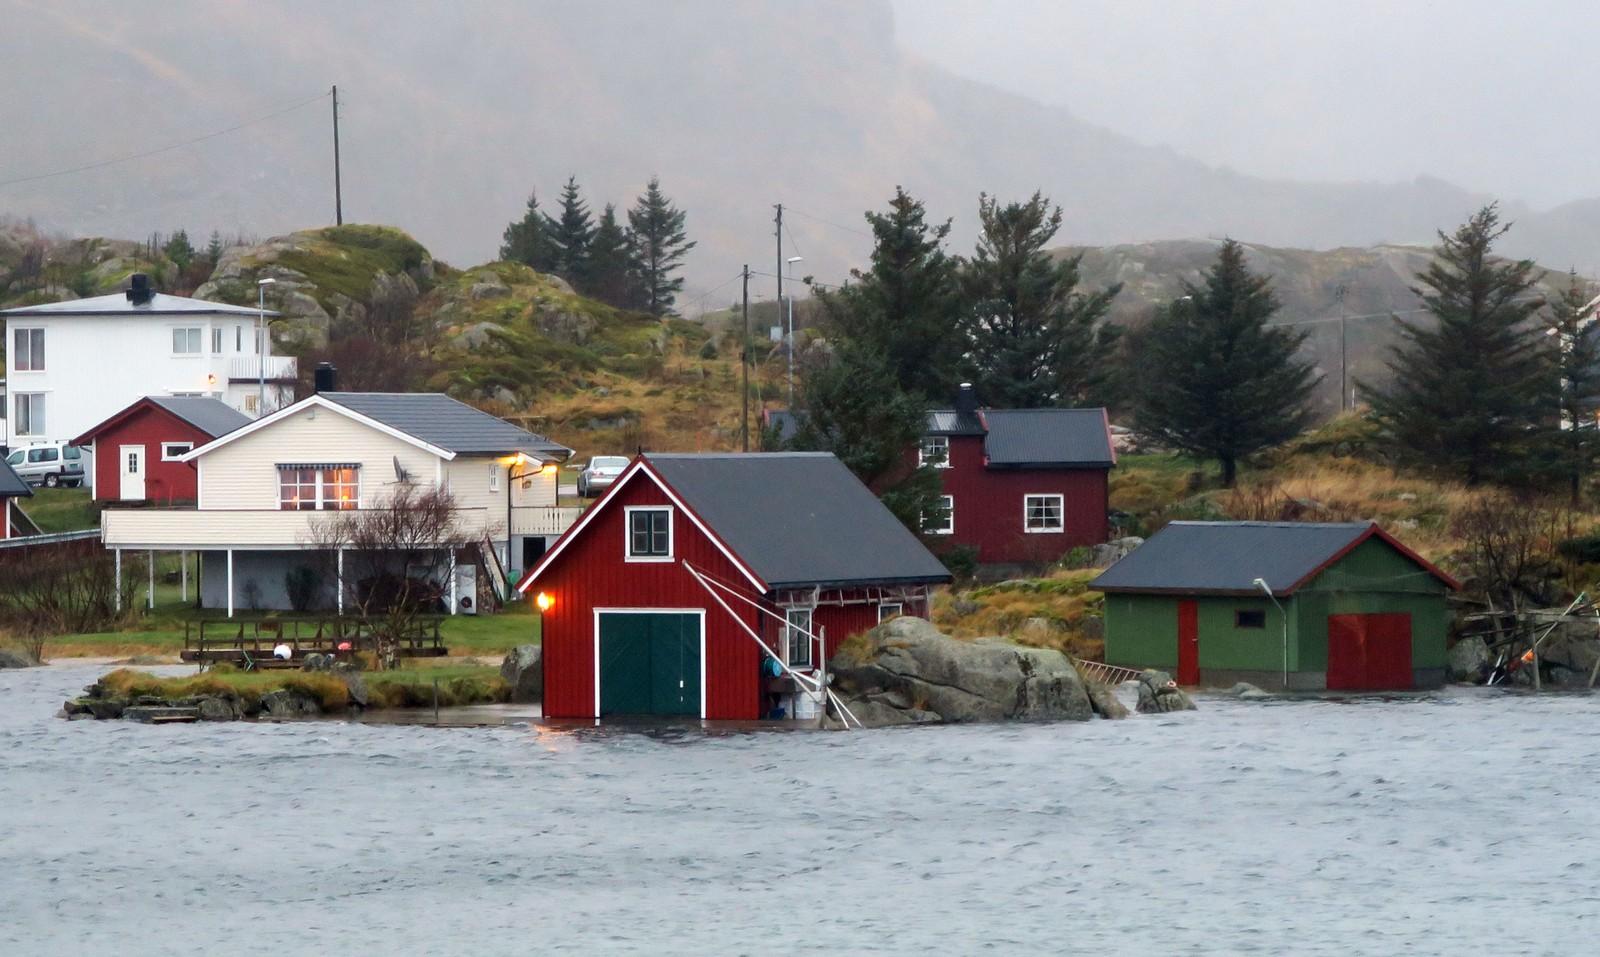 Høy vannstand på Ballstad i Lofoten